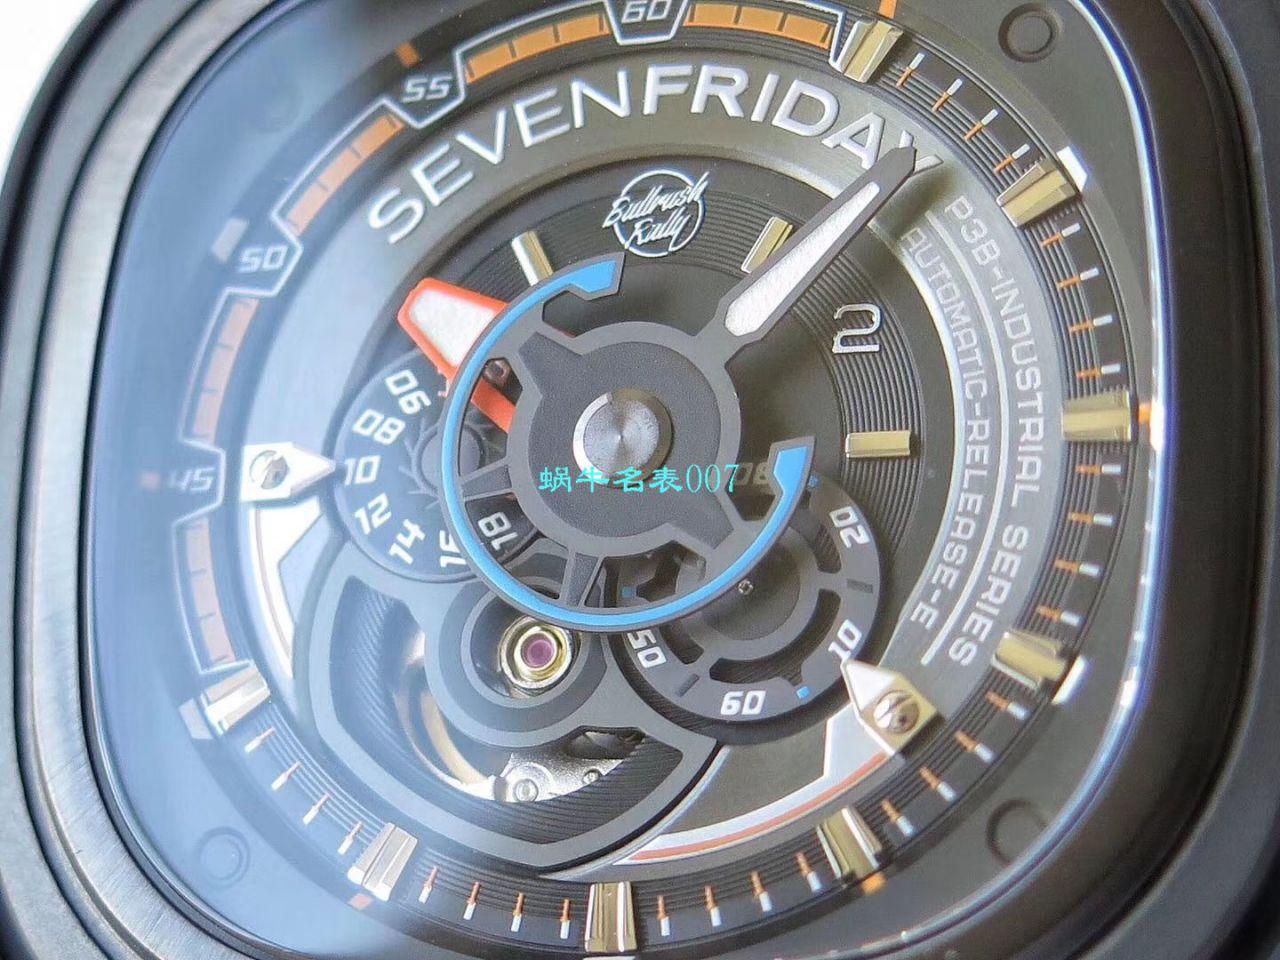 【SV厂一比一高仿手表】七个星期五Seven Friday P3B/02 机械男士腕表 / SVP3B02